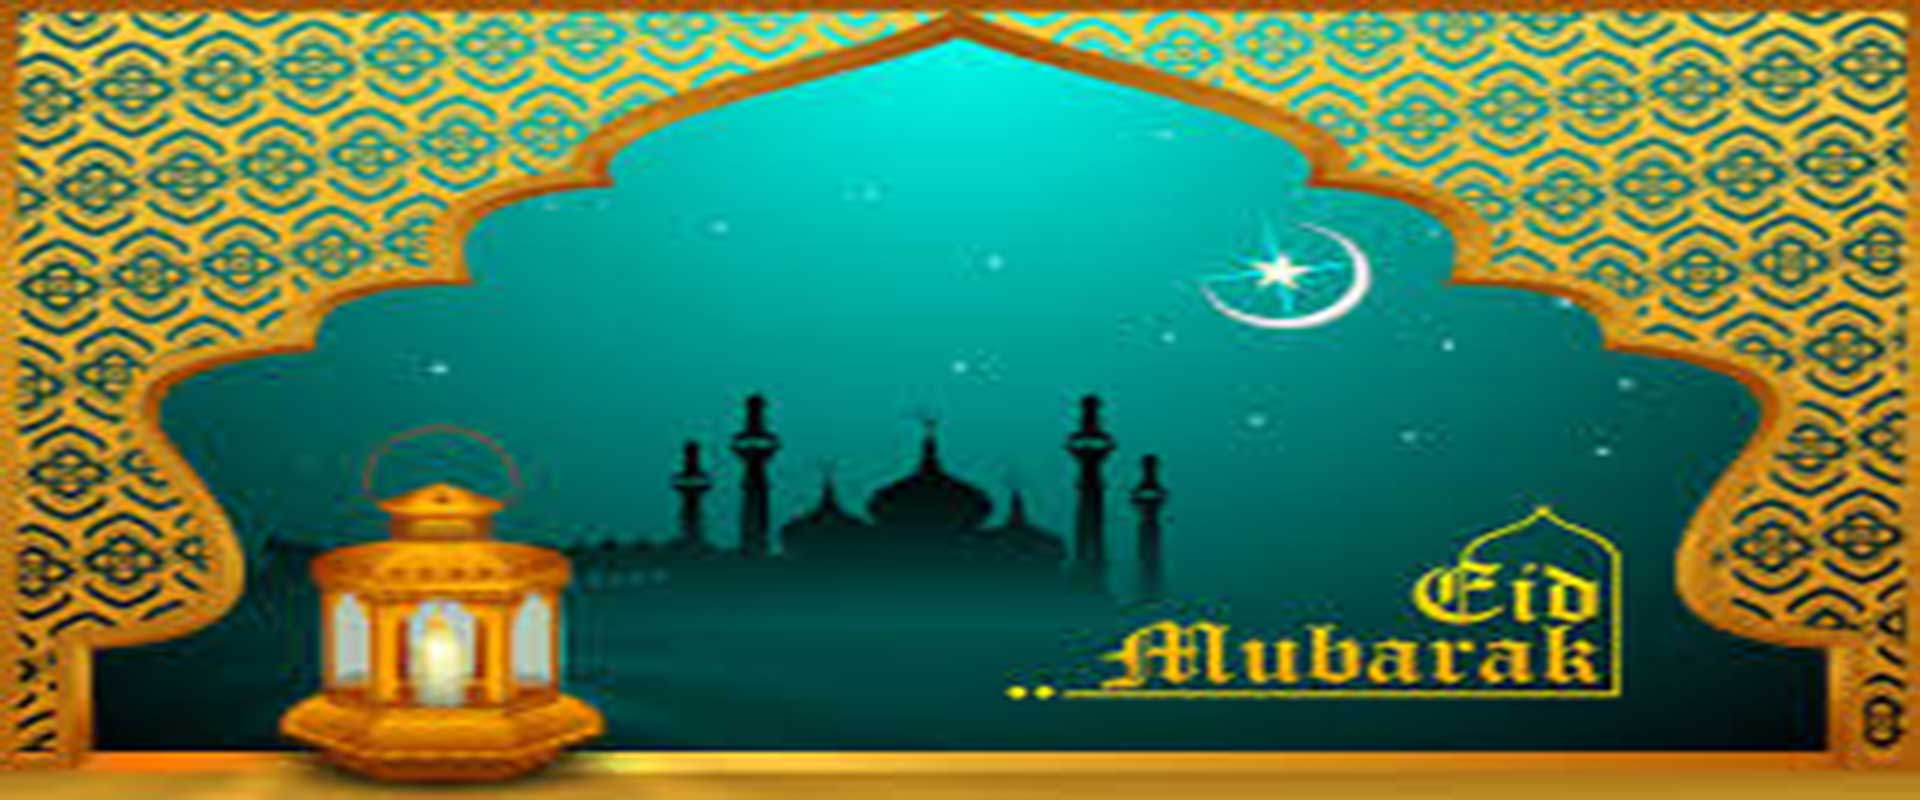 Ramzan Id/Eid-ul-Fitar